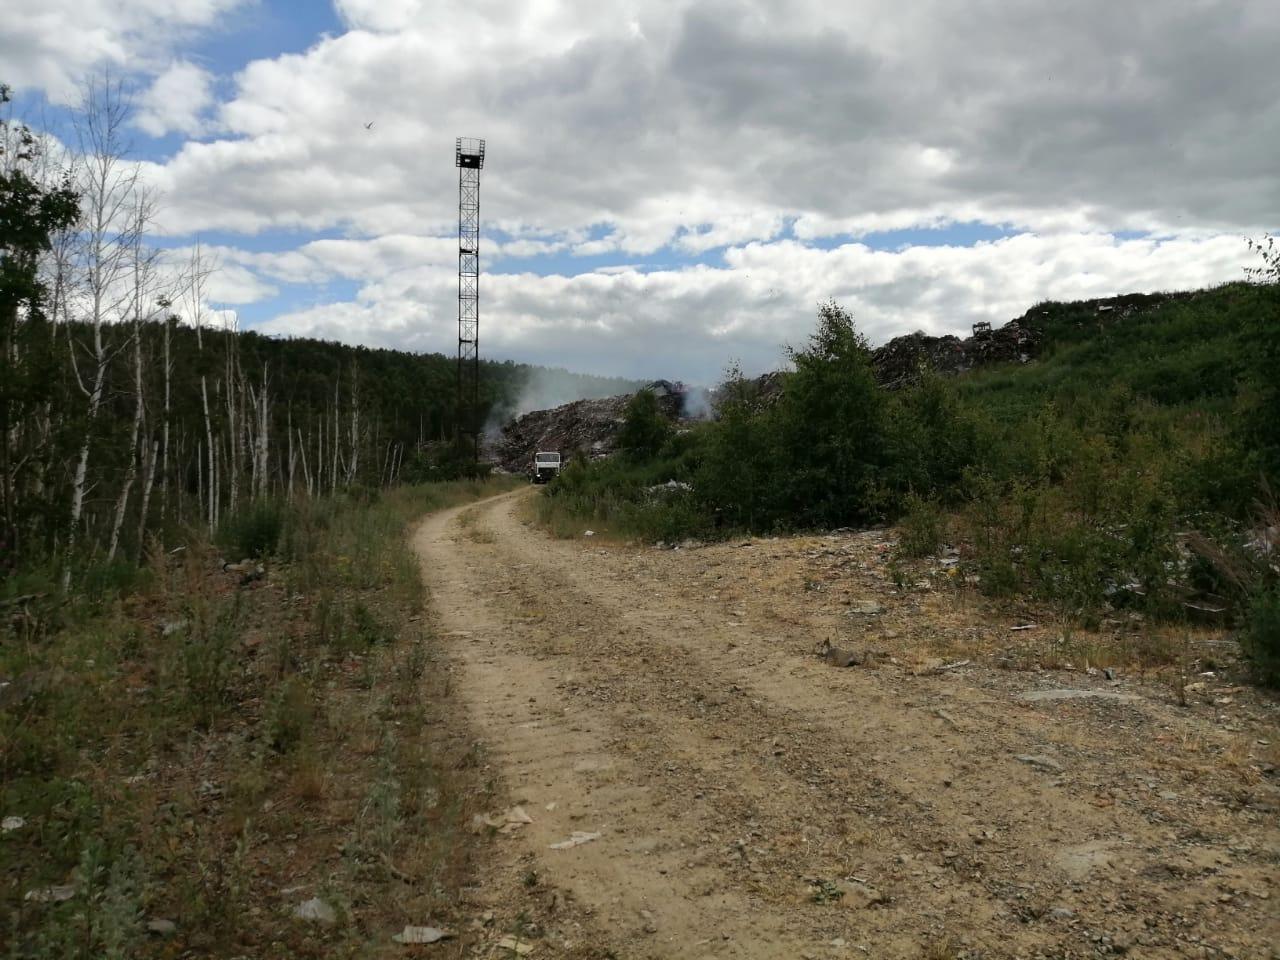 После возгорания полигона ТБО в Новоуральске Росприроднадзор проверит местный МУП